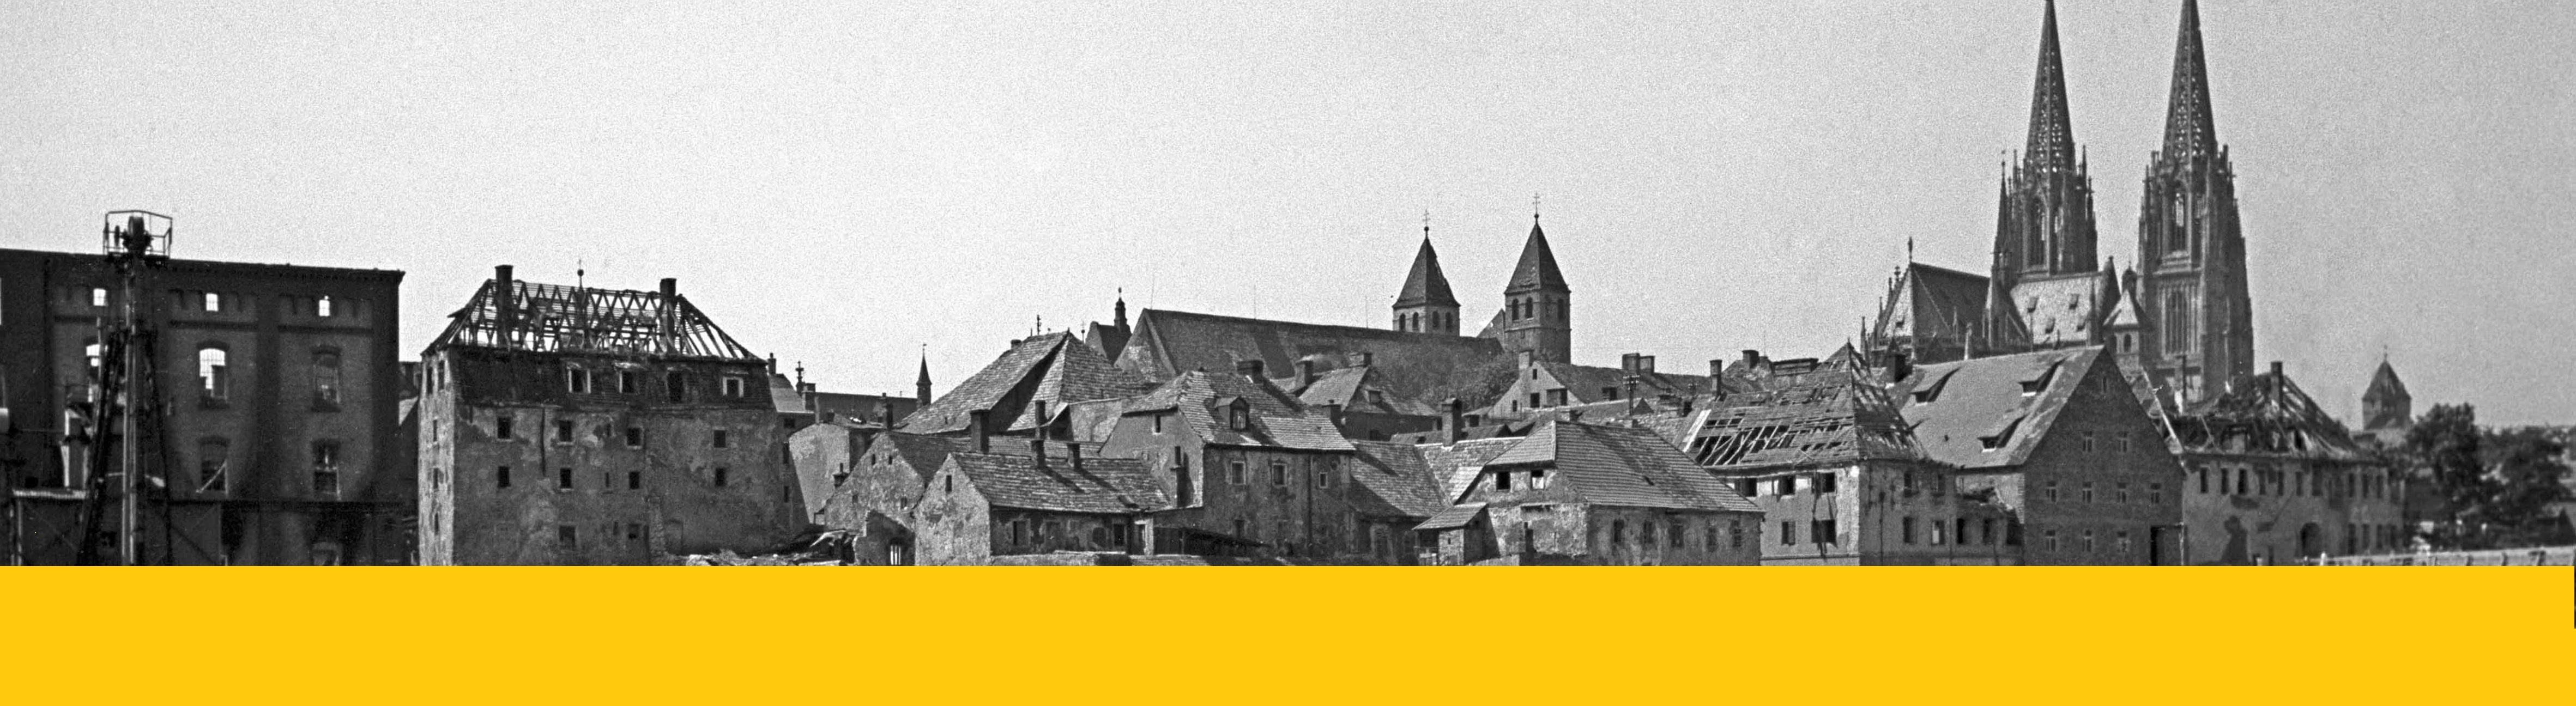 JETZT ONLINE: Digitale Ausstellung zum Kriegsende in Regensburg